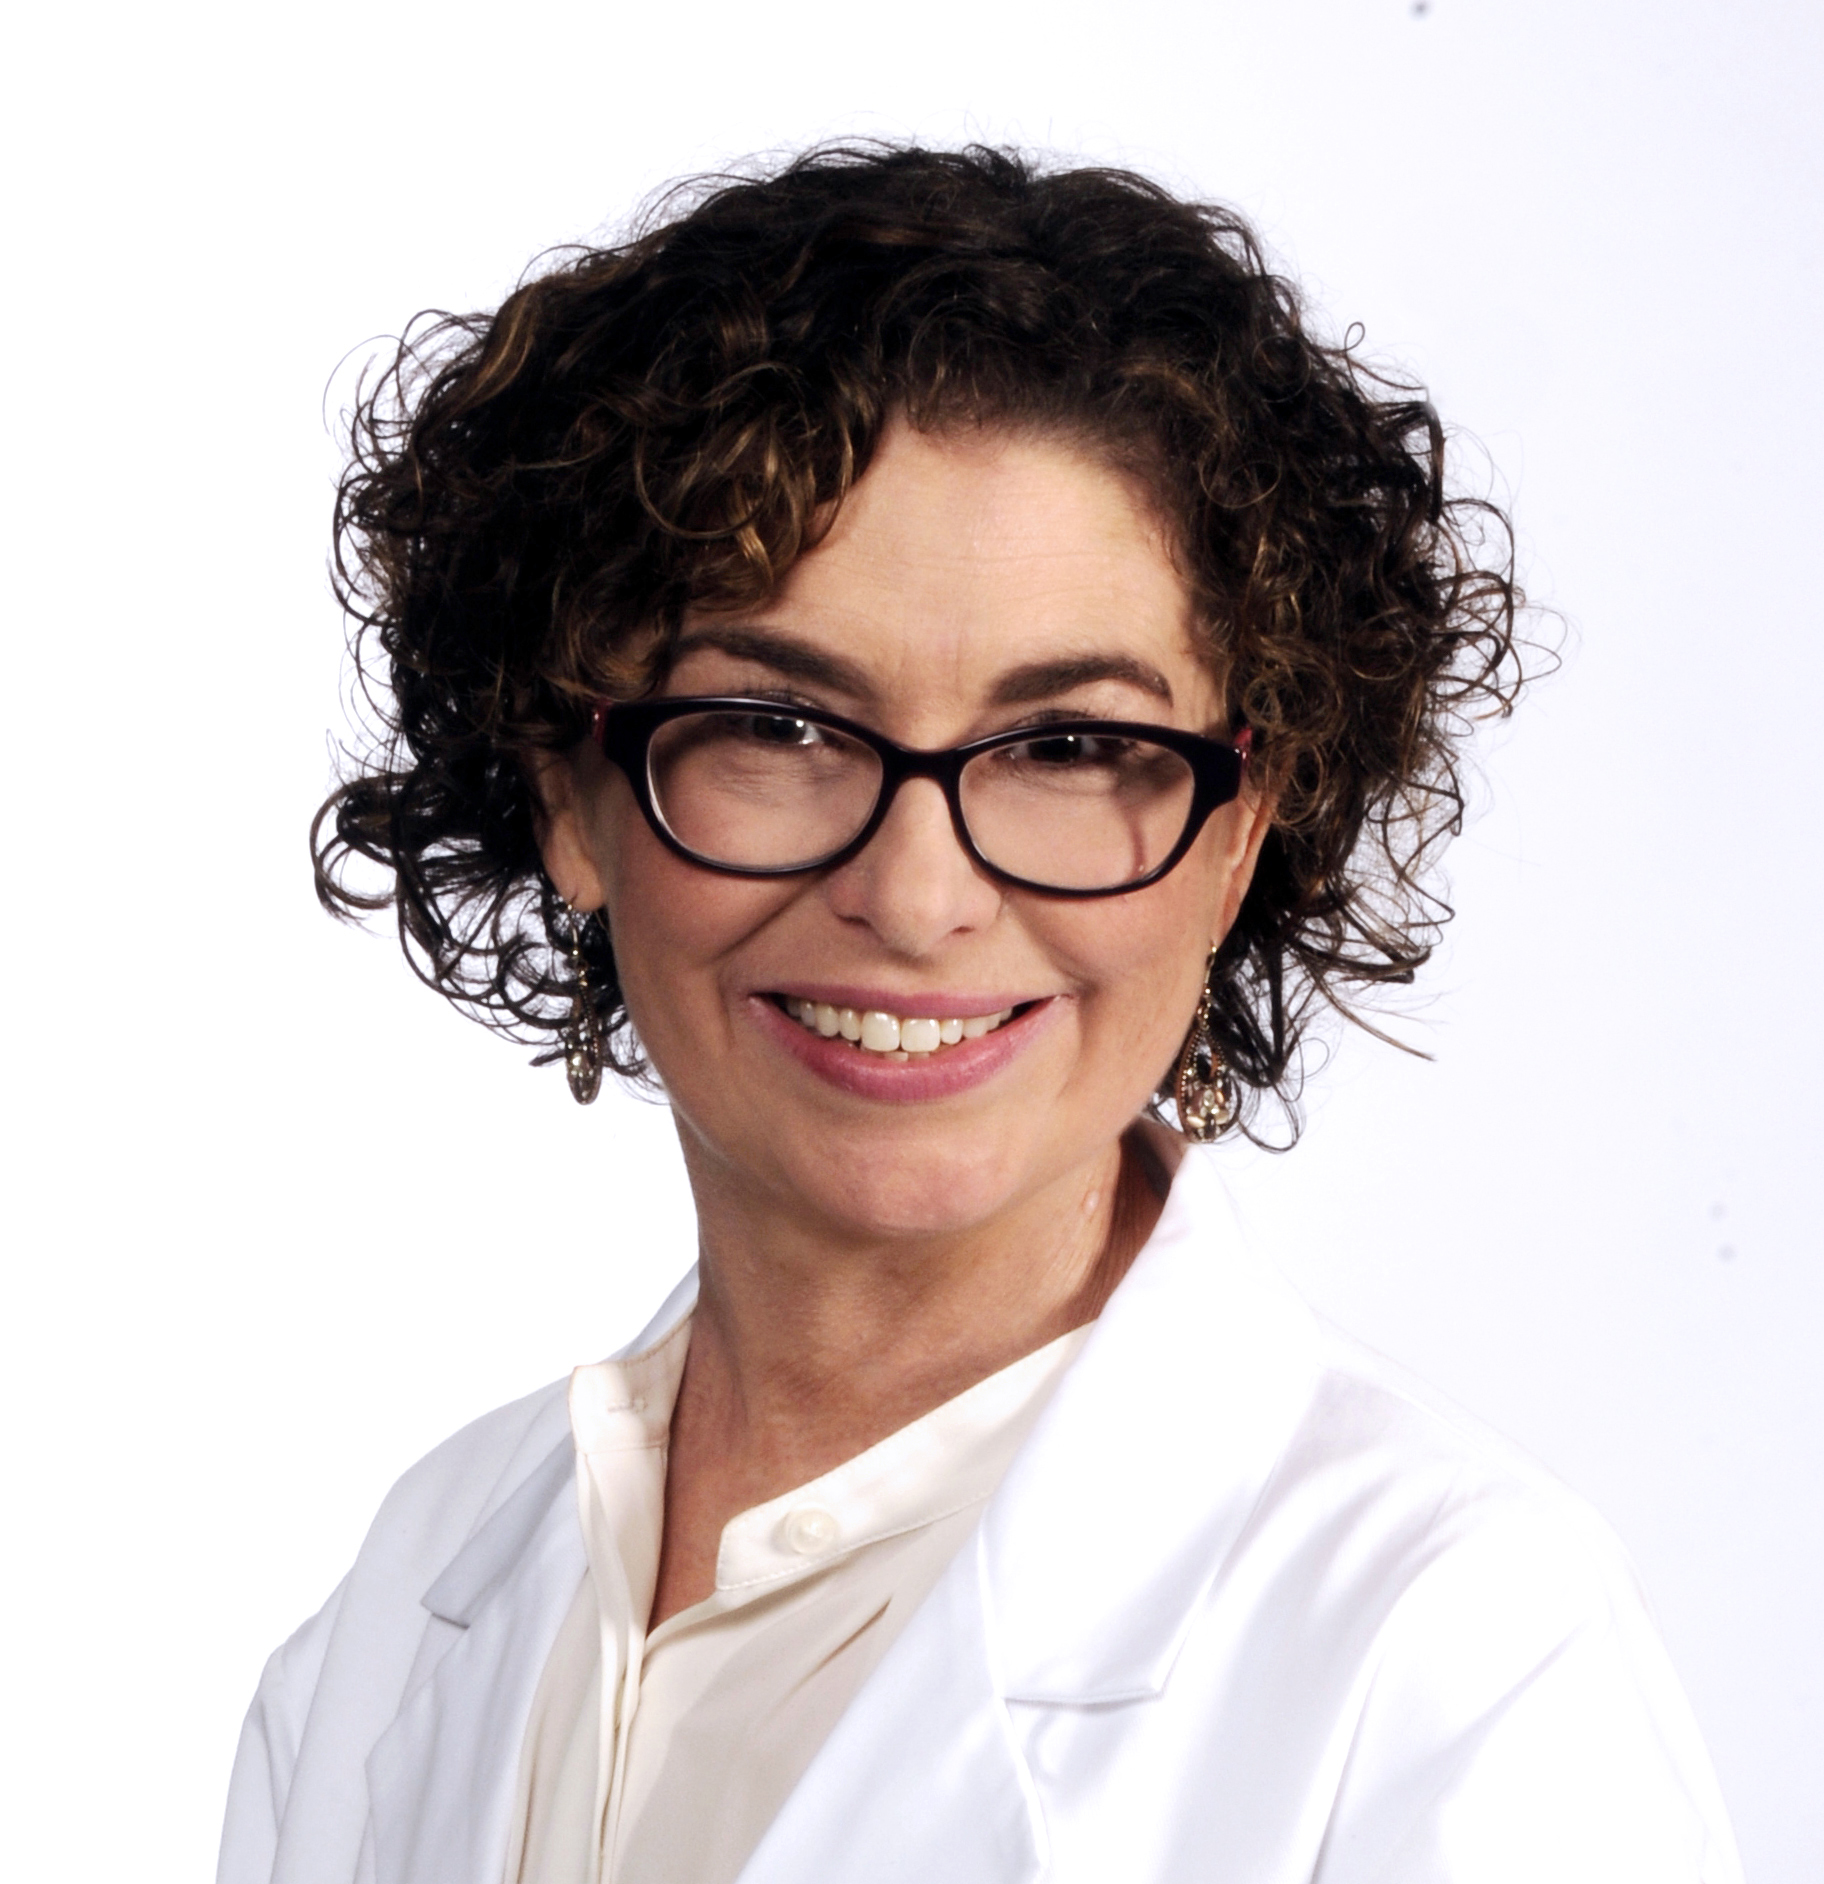 Sara C. Shalin, M.D., Ph.D.